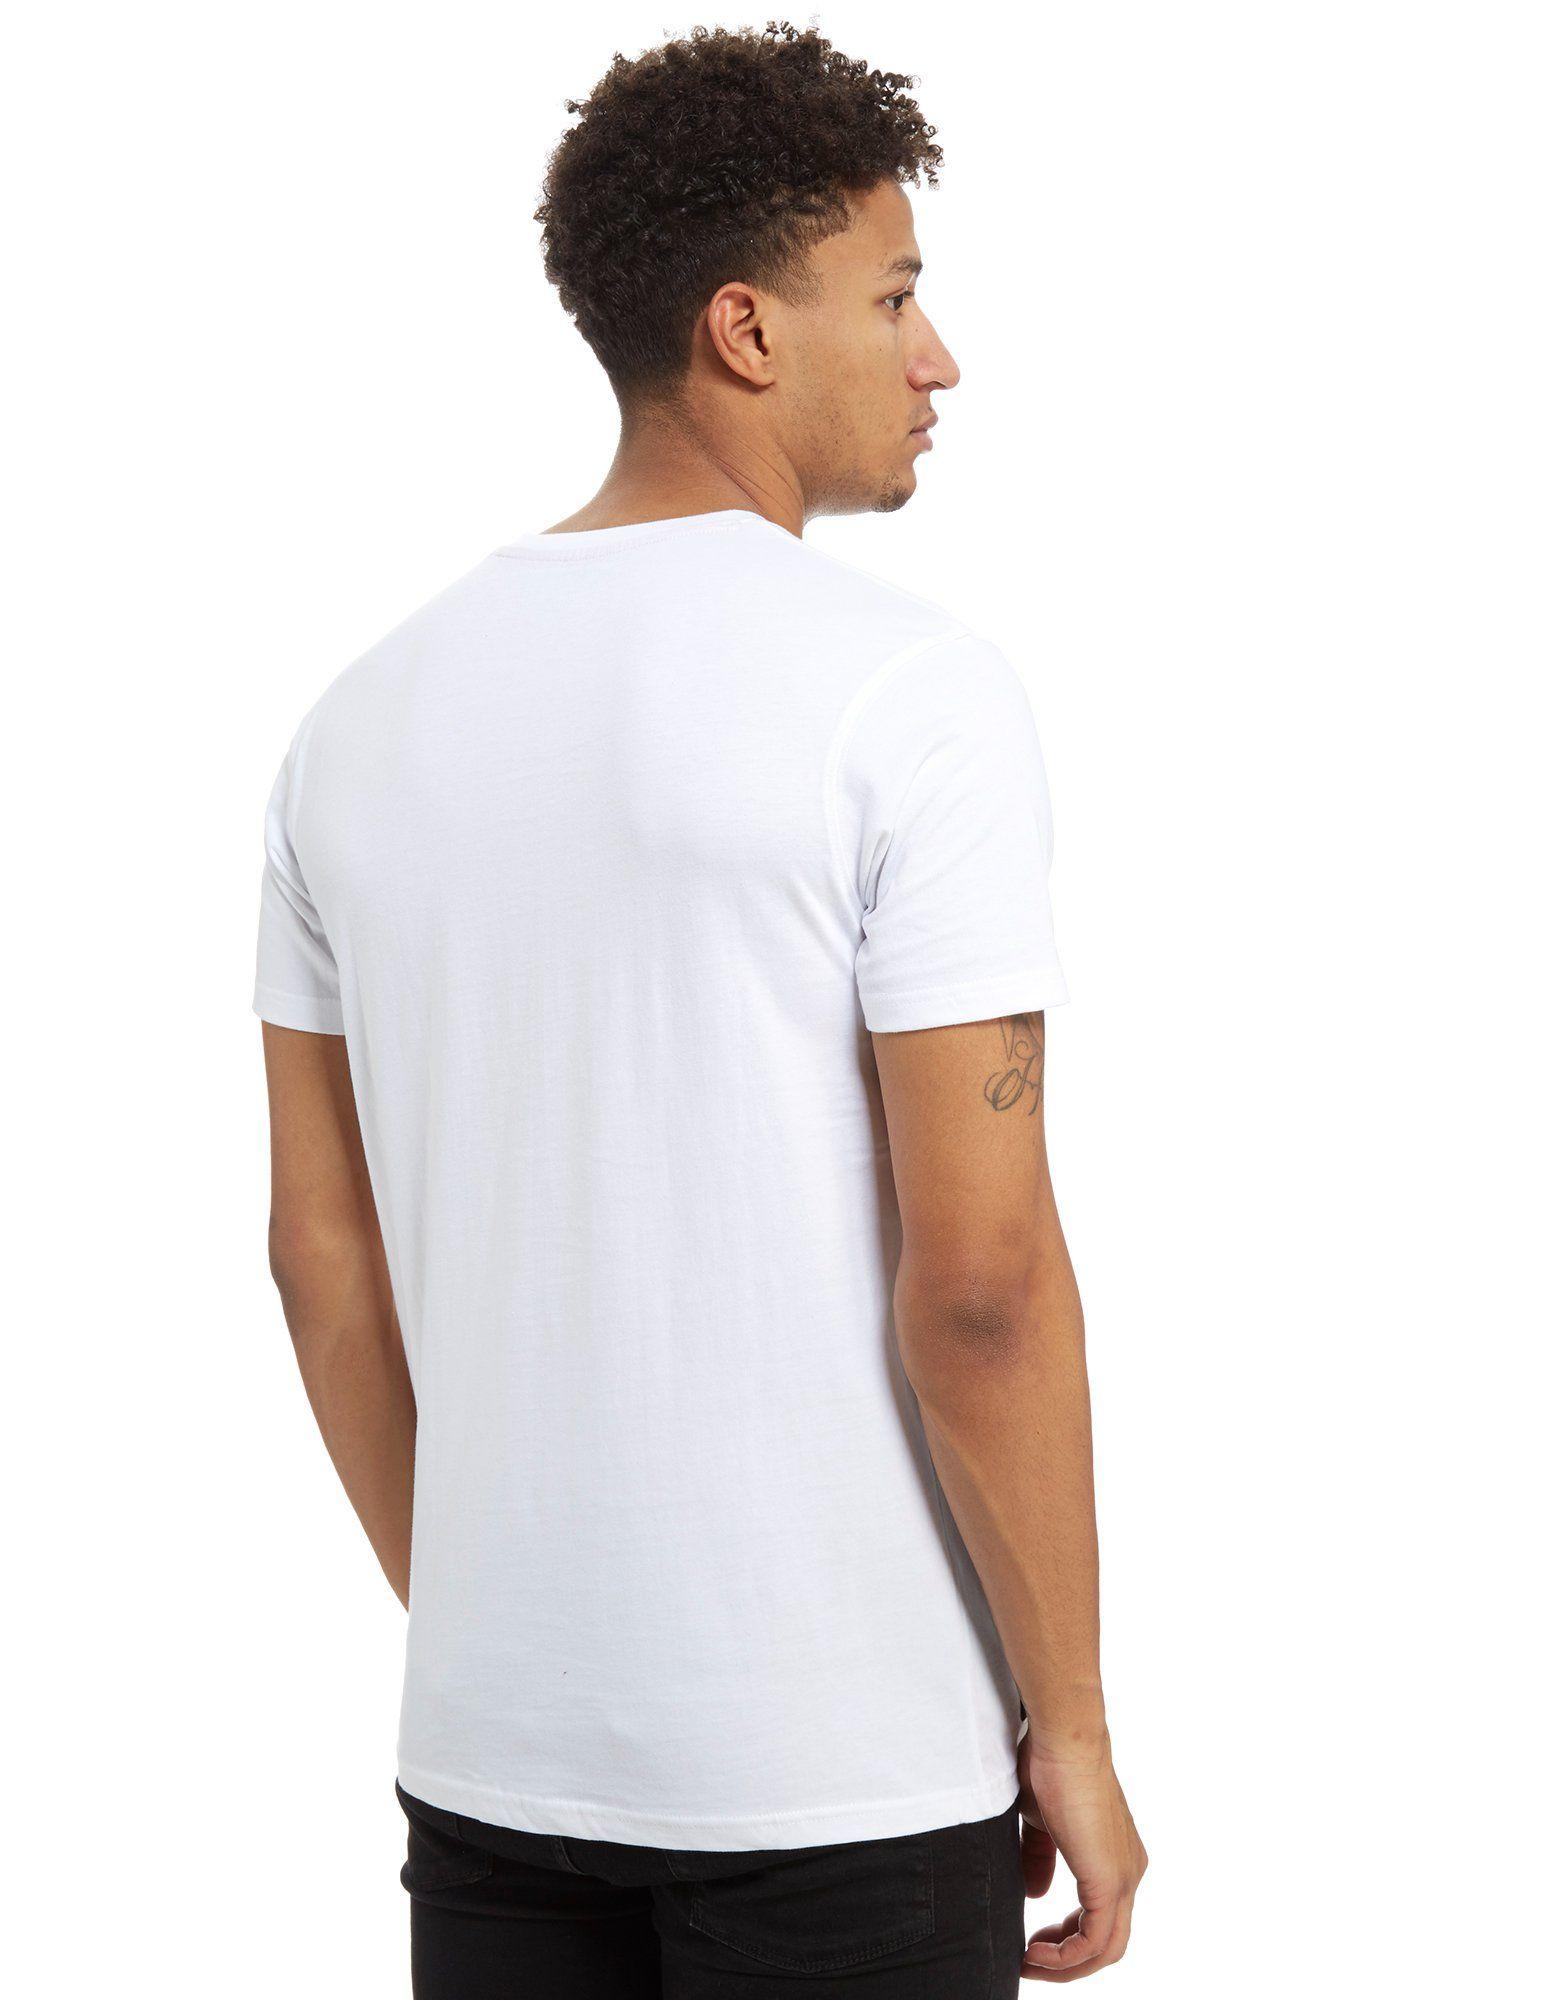 McKenzie Worral T-Shirt Weiss